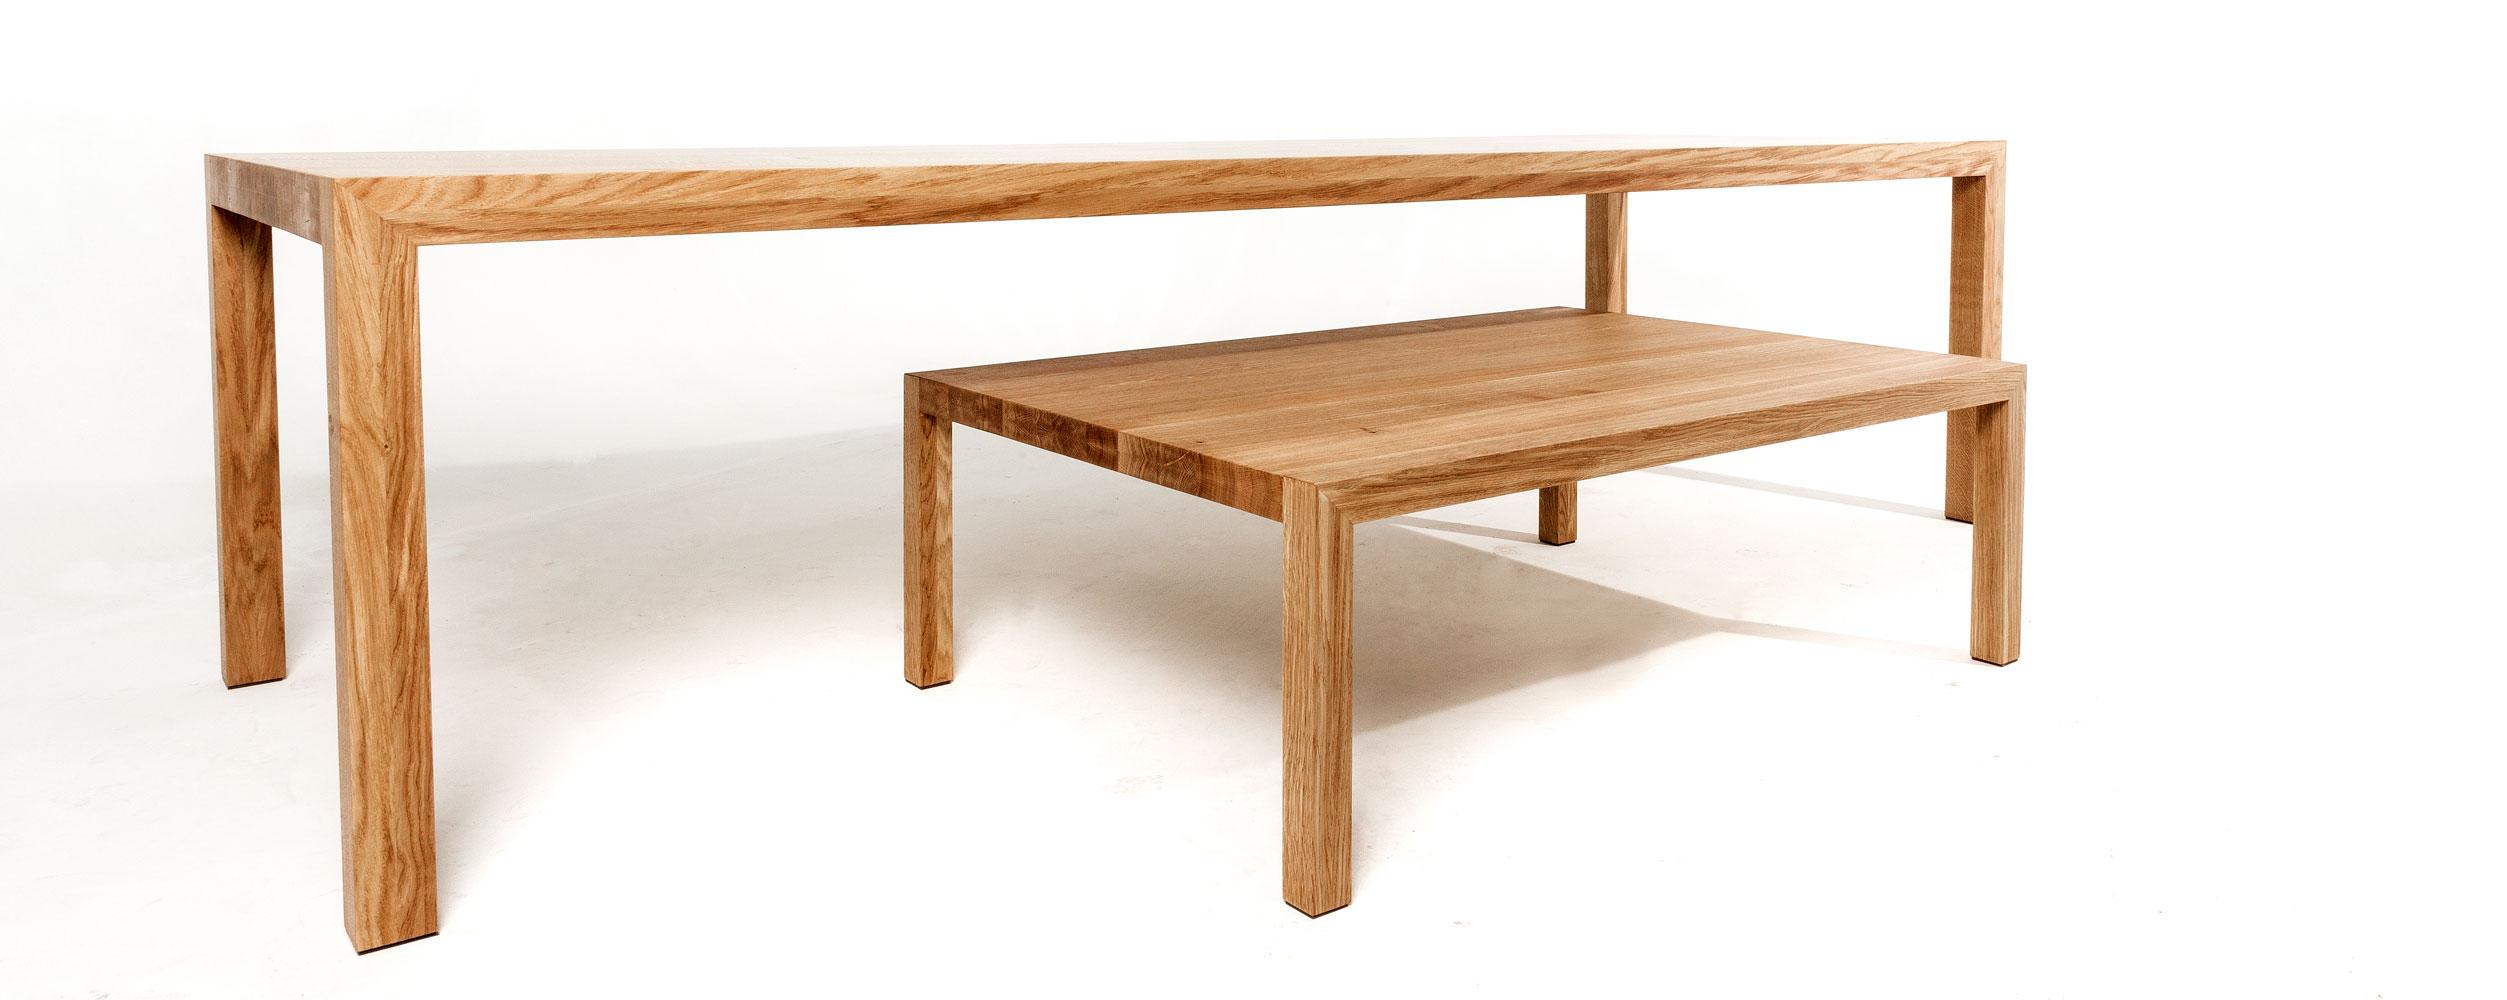 Salontafel massief eikenhout   strak vormgegeven salontafel